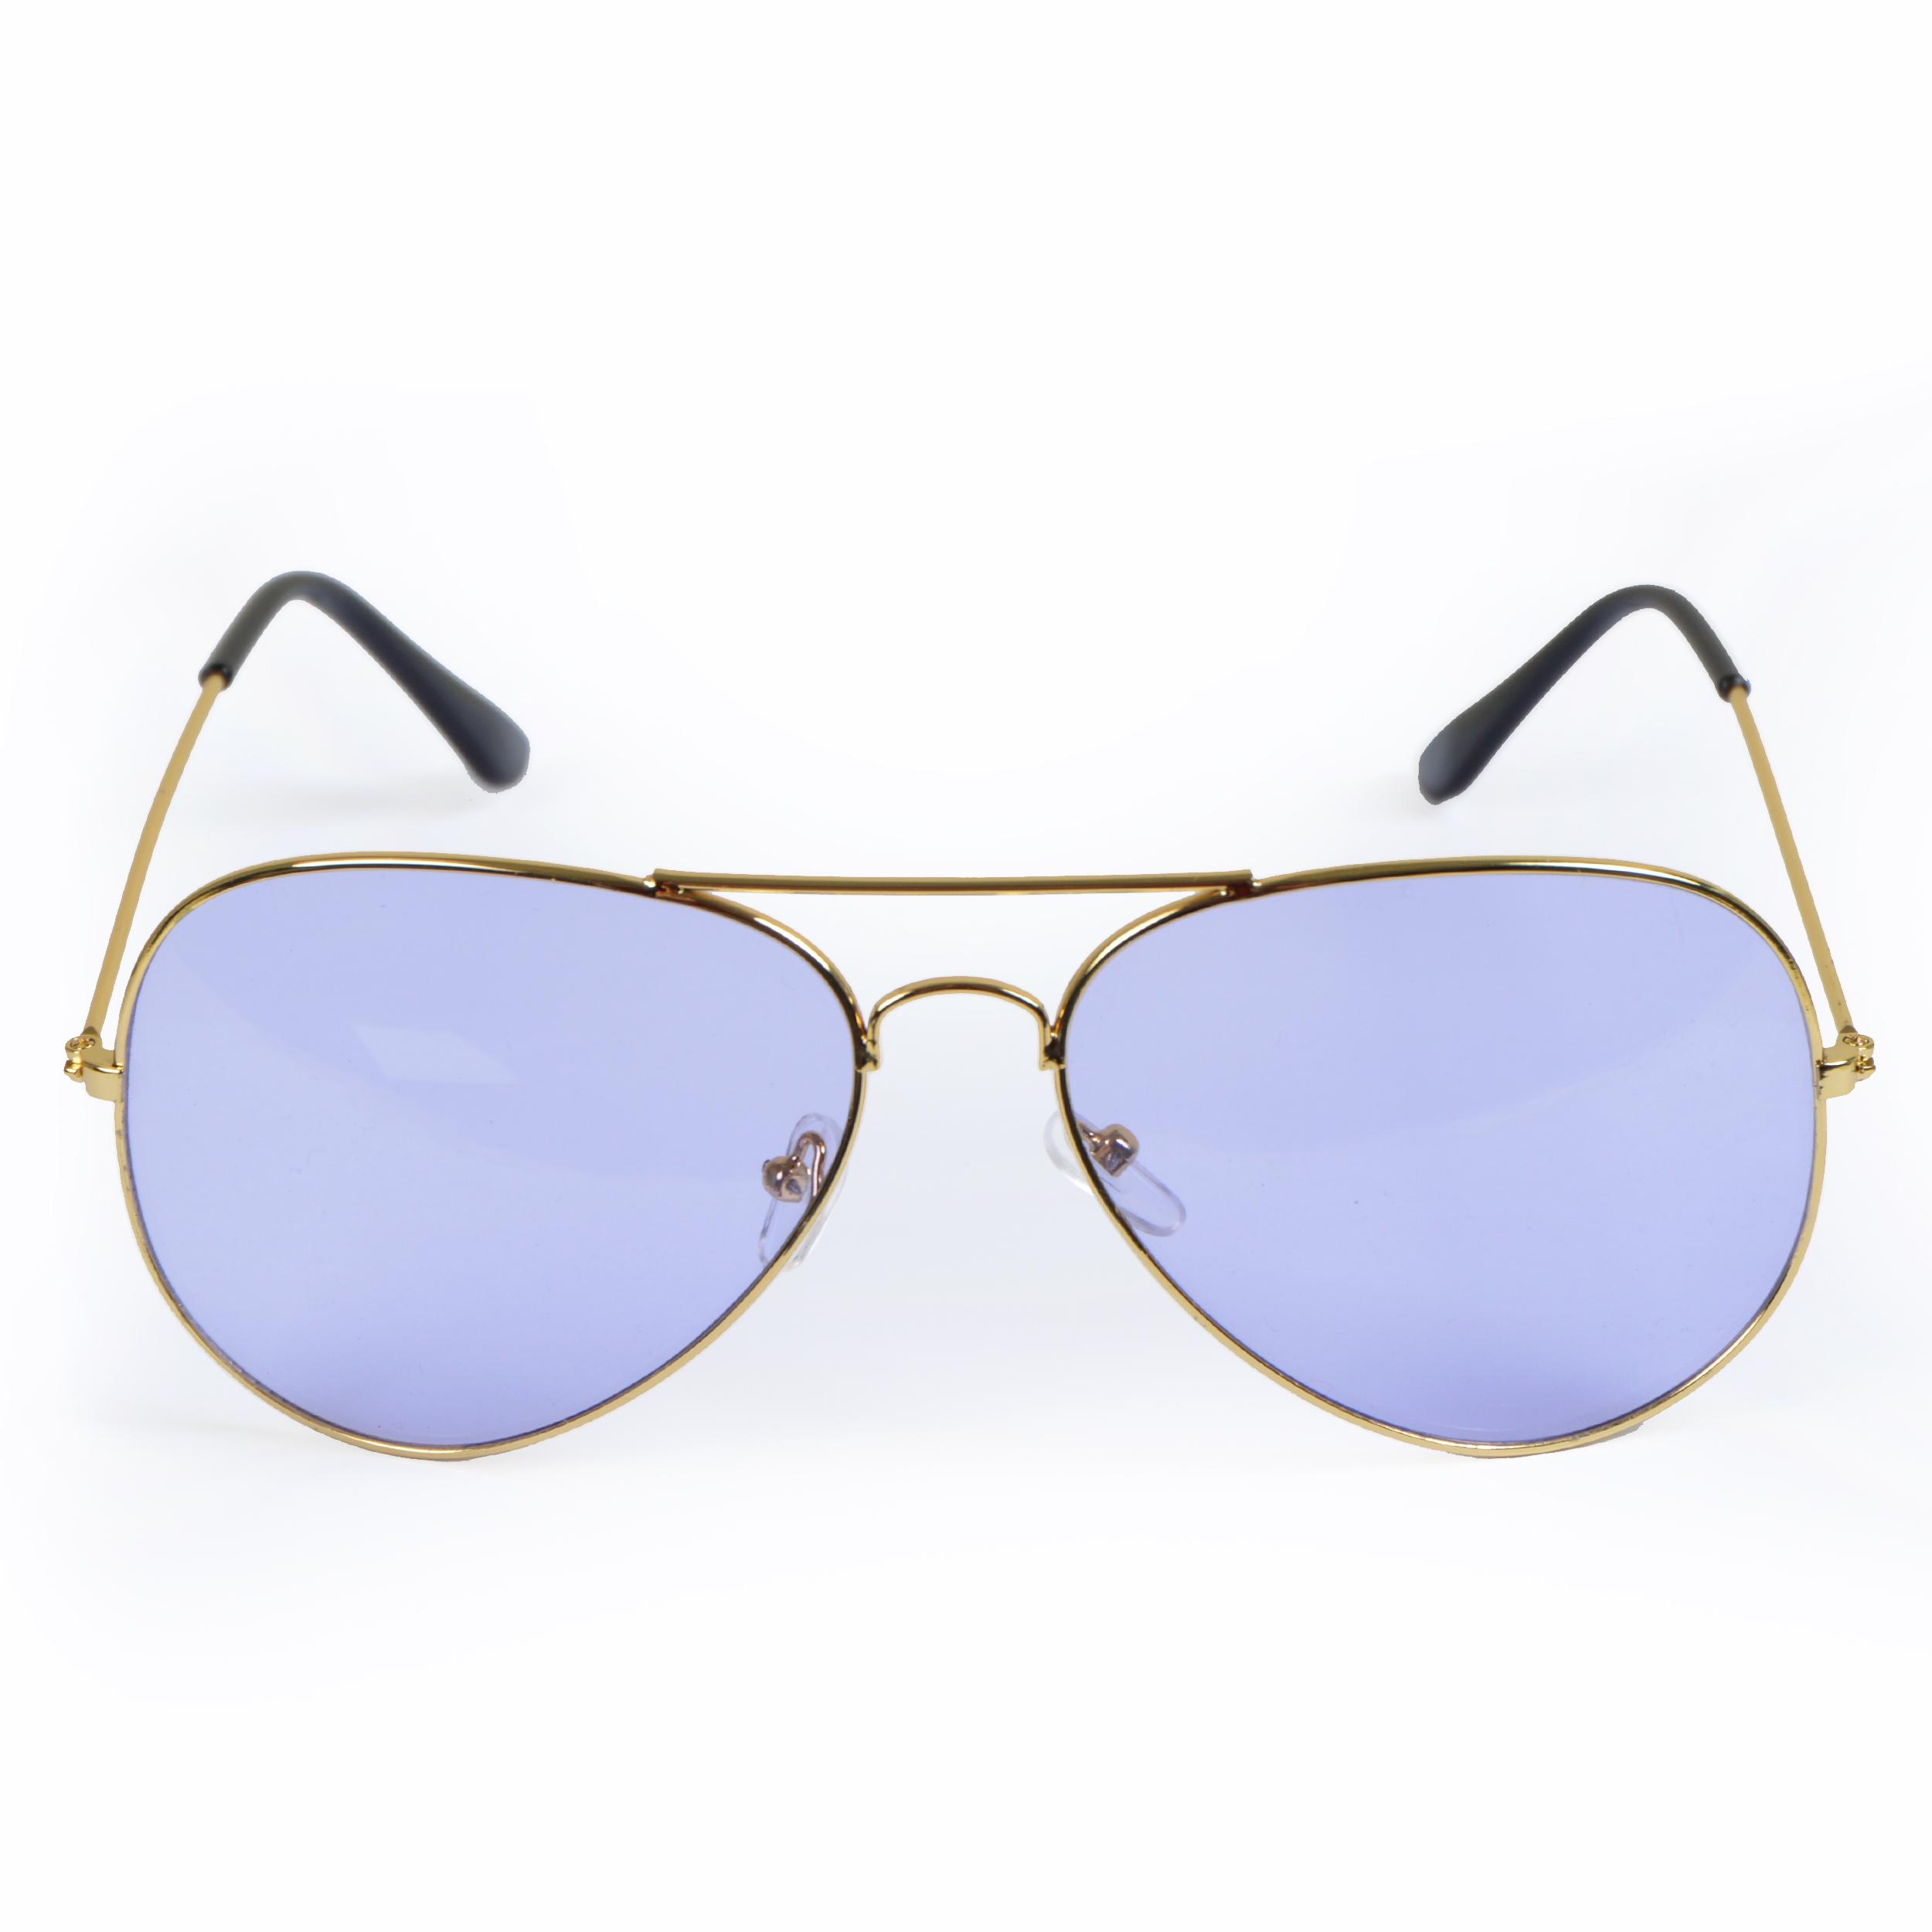 Sonnenbrille, Light, Pilotenbrille - Goldfassung, Gläser Hell-lila